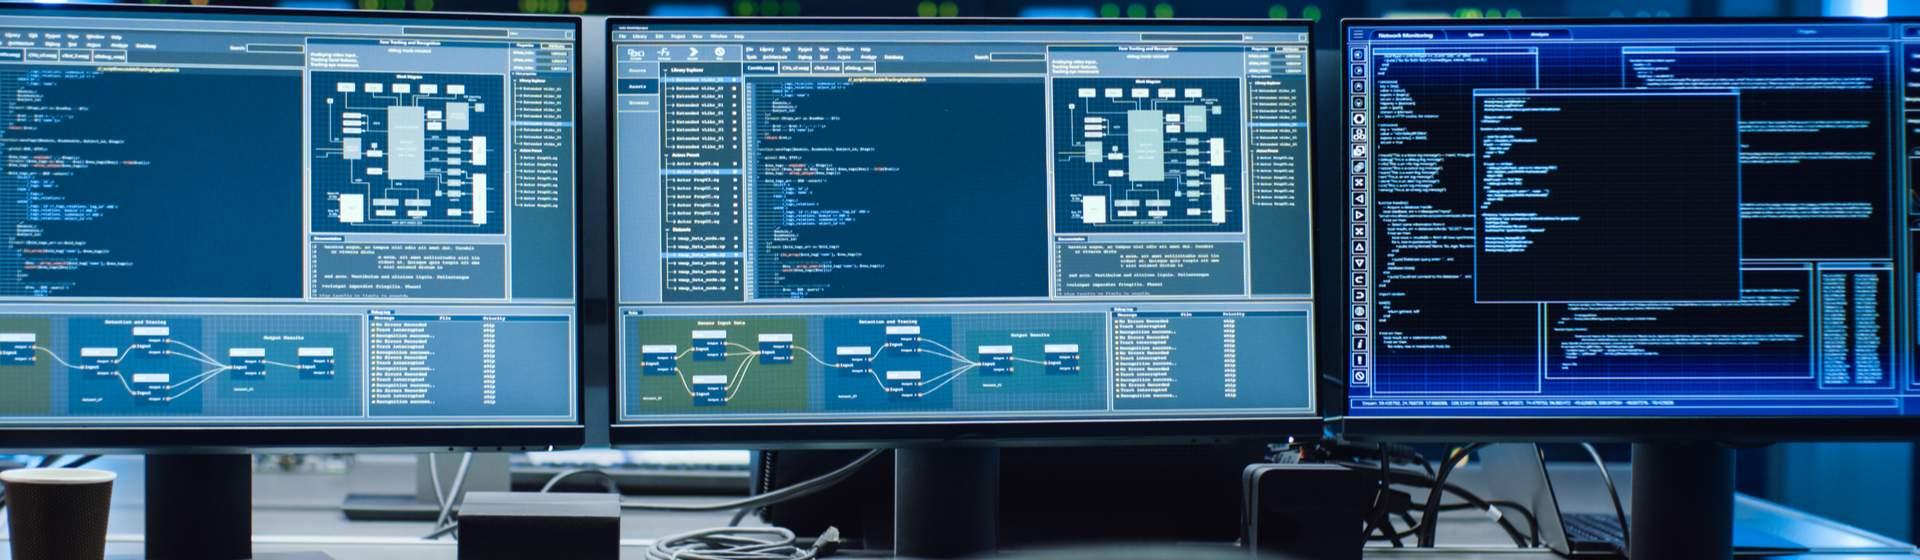 Monitor: tudo o que você precisa saber para encontrar o seu